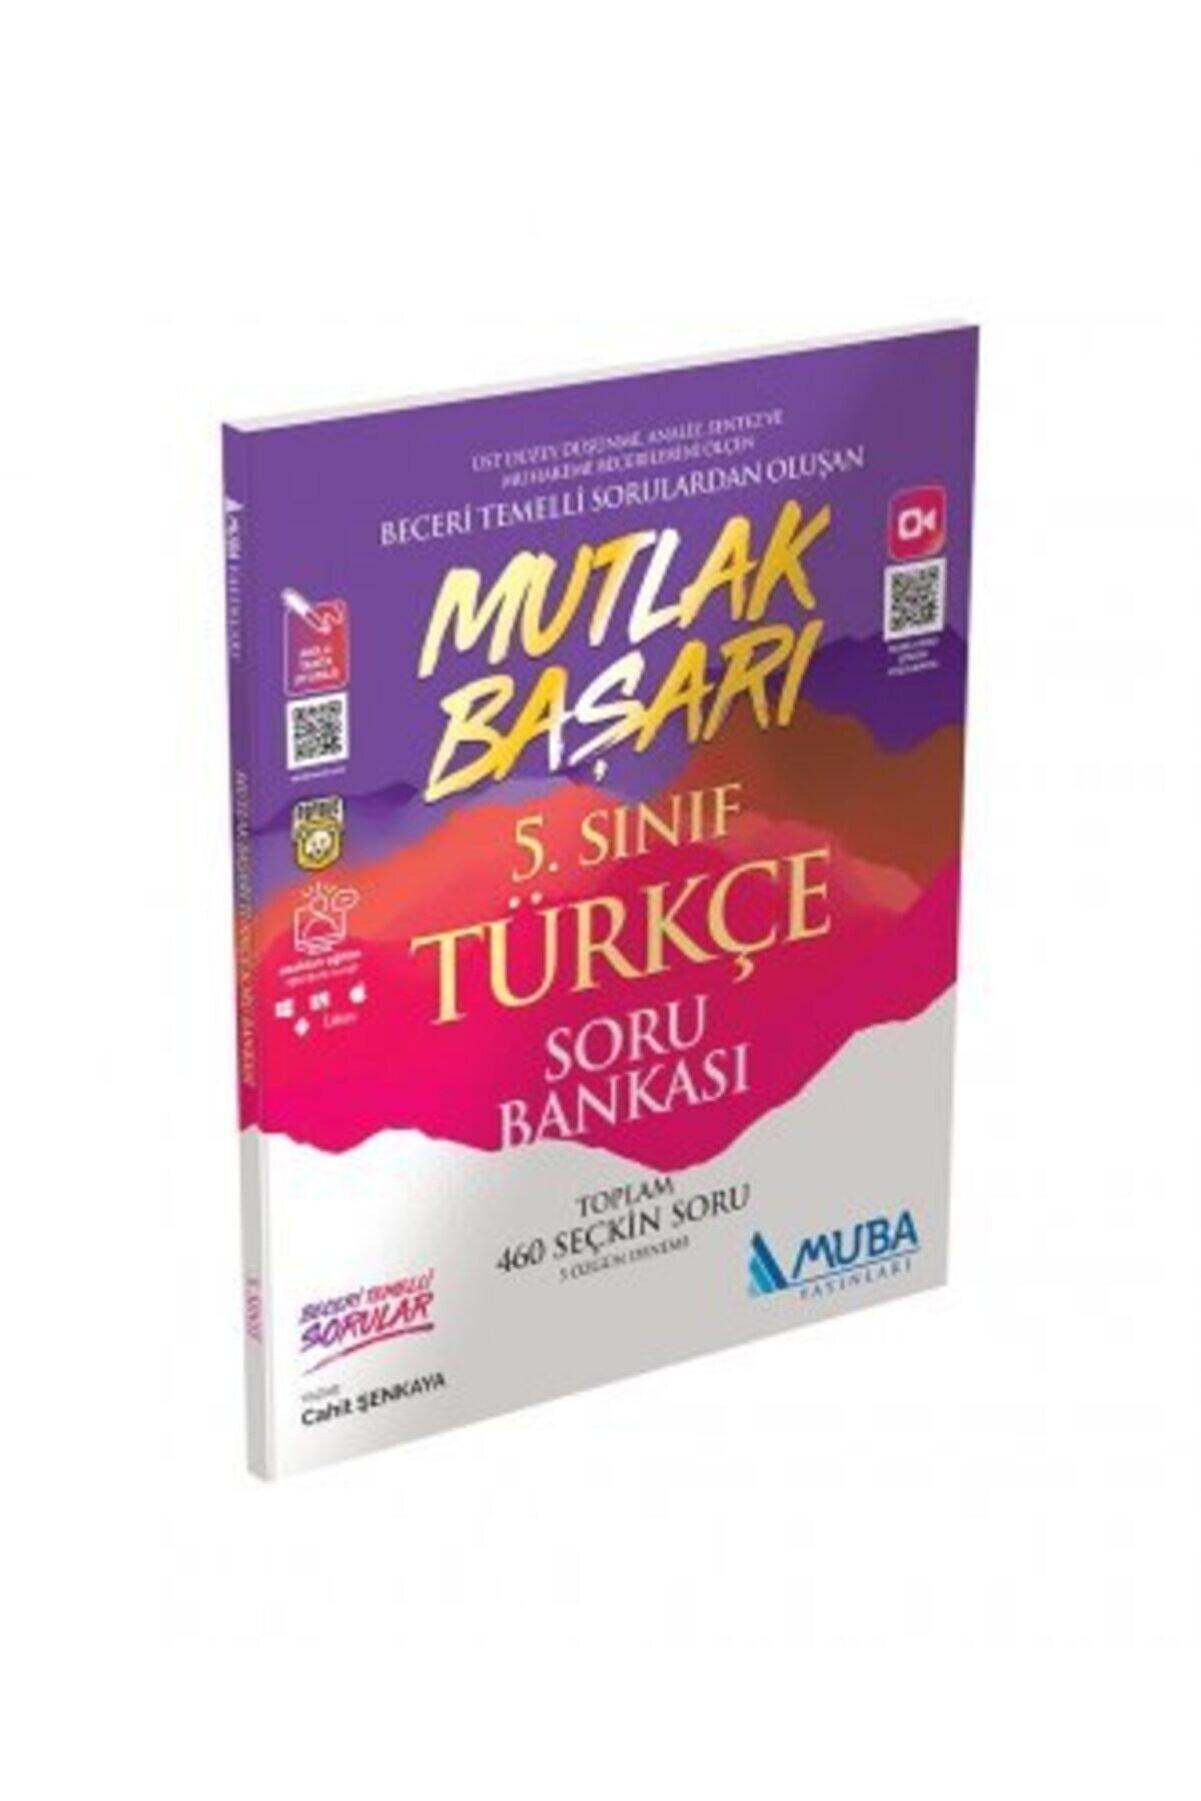 Muba Yayınları Mutlak Başarı 5. Sınıf Türkçe Soru Bankası